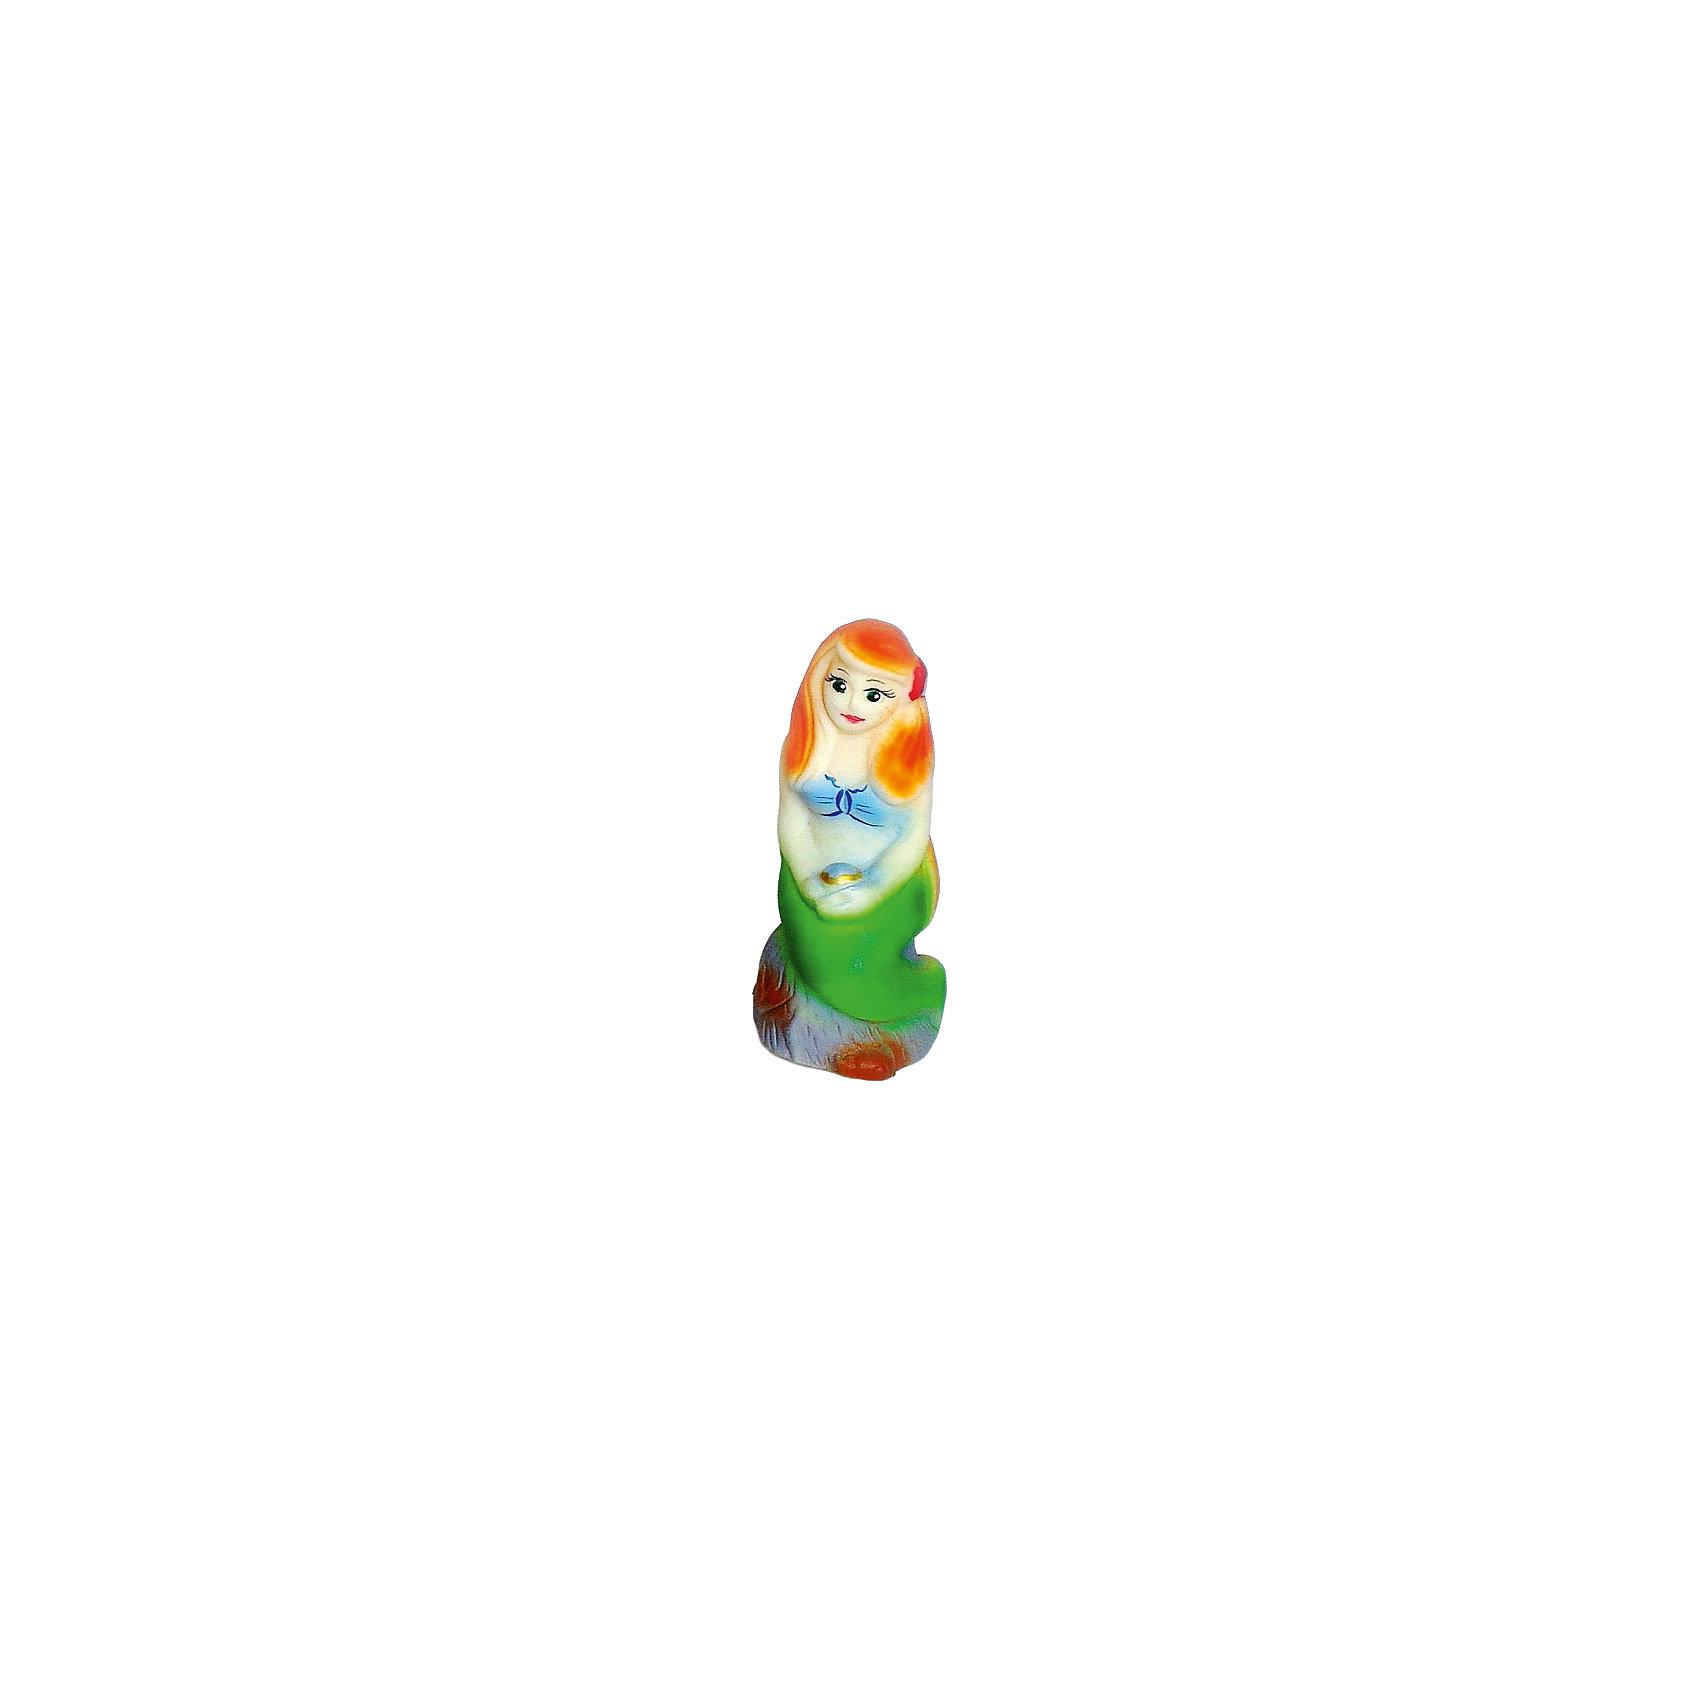 Русалочка, КудесникиИгрушки ПВХ<br>Русалочка, Кудесники<br><br>Характеристики:<br><br>• Материал: ПВХ.<br>• Размер: 12 см.<br>• Вес: 67г.<br> <br>Отличная игрушка из мягкого ПВХ надолго займет внимания вашего малыша. Эта игрушка поможет малышу при прорезывании зубов, поможет развивать моторику рук, знакомить с формой, цветом, образами. Также с ней можно забавно поиграть в ванной. Яркий образ поможет ребенку придумывать различные сюжетно-ролевые игры.<br><br>Русалочку, Кудесники, можно купить в нашем интернет – магазине.<br><br>Ширина мм: 50<br>Глубина мм: 60<br>Высота мм: 125<br>Вес г: 64<br>Возраст от месяцев: 12<br>Возраст до месяцев: 36<br>Пол: Унисекс<br>Возраст: Детский<br>SKU: 4896447